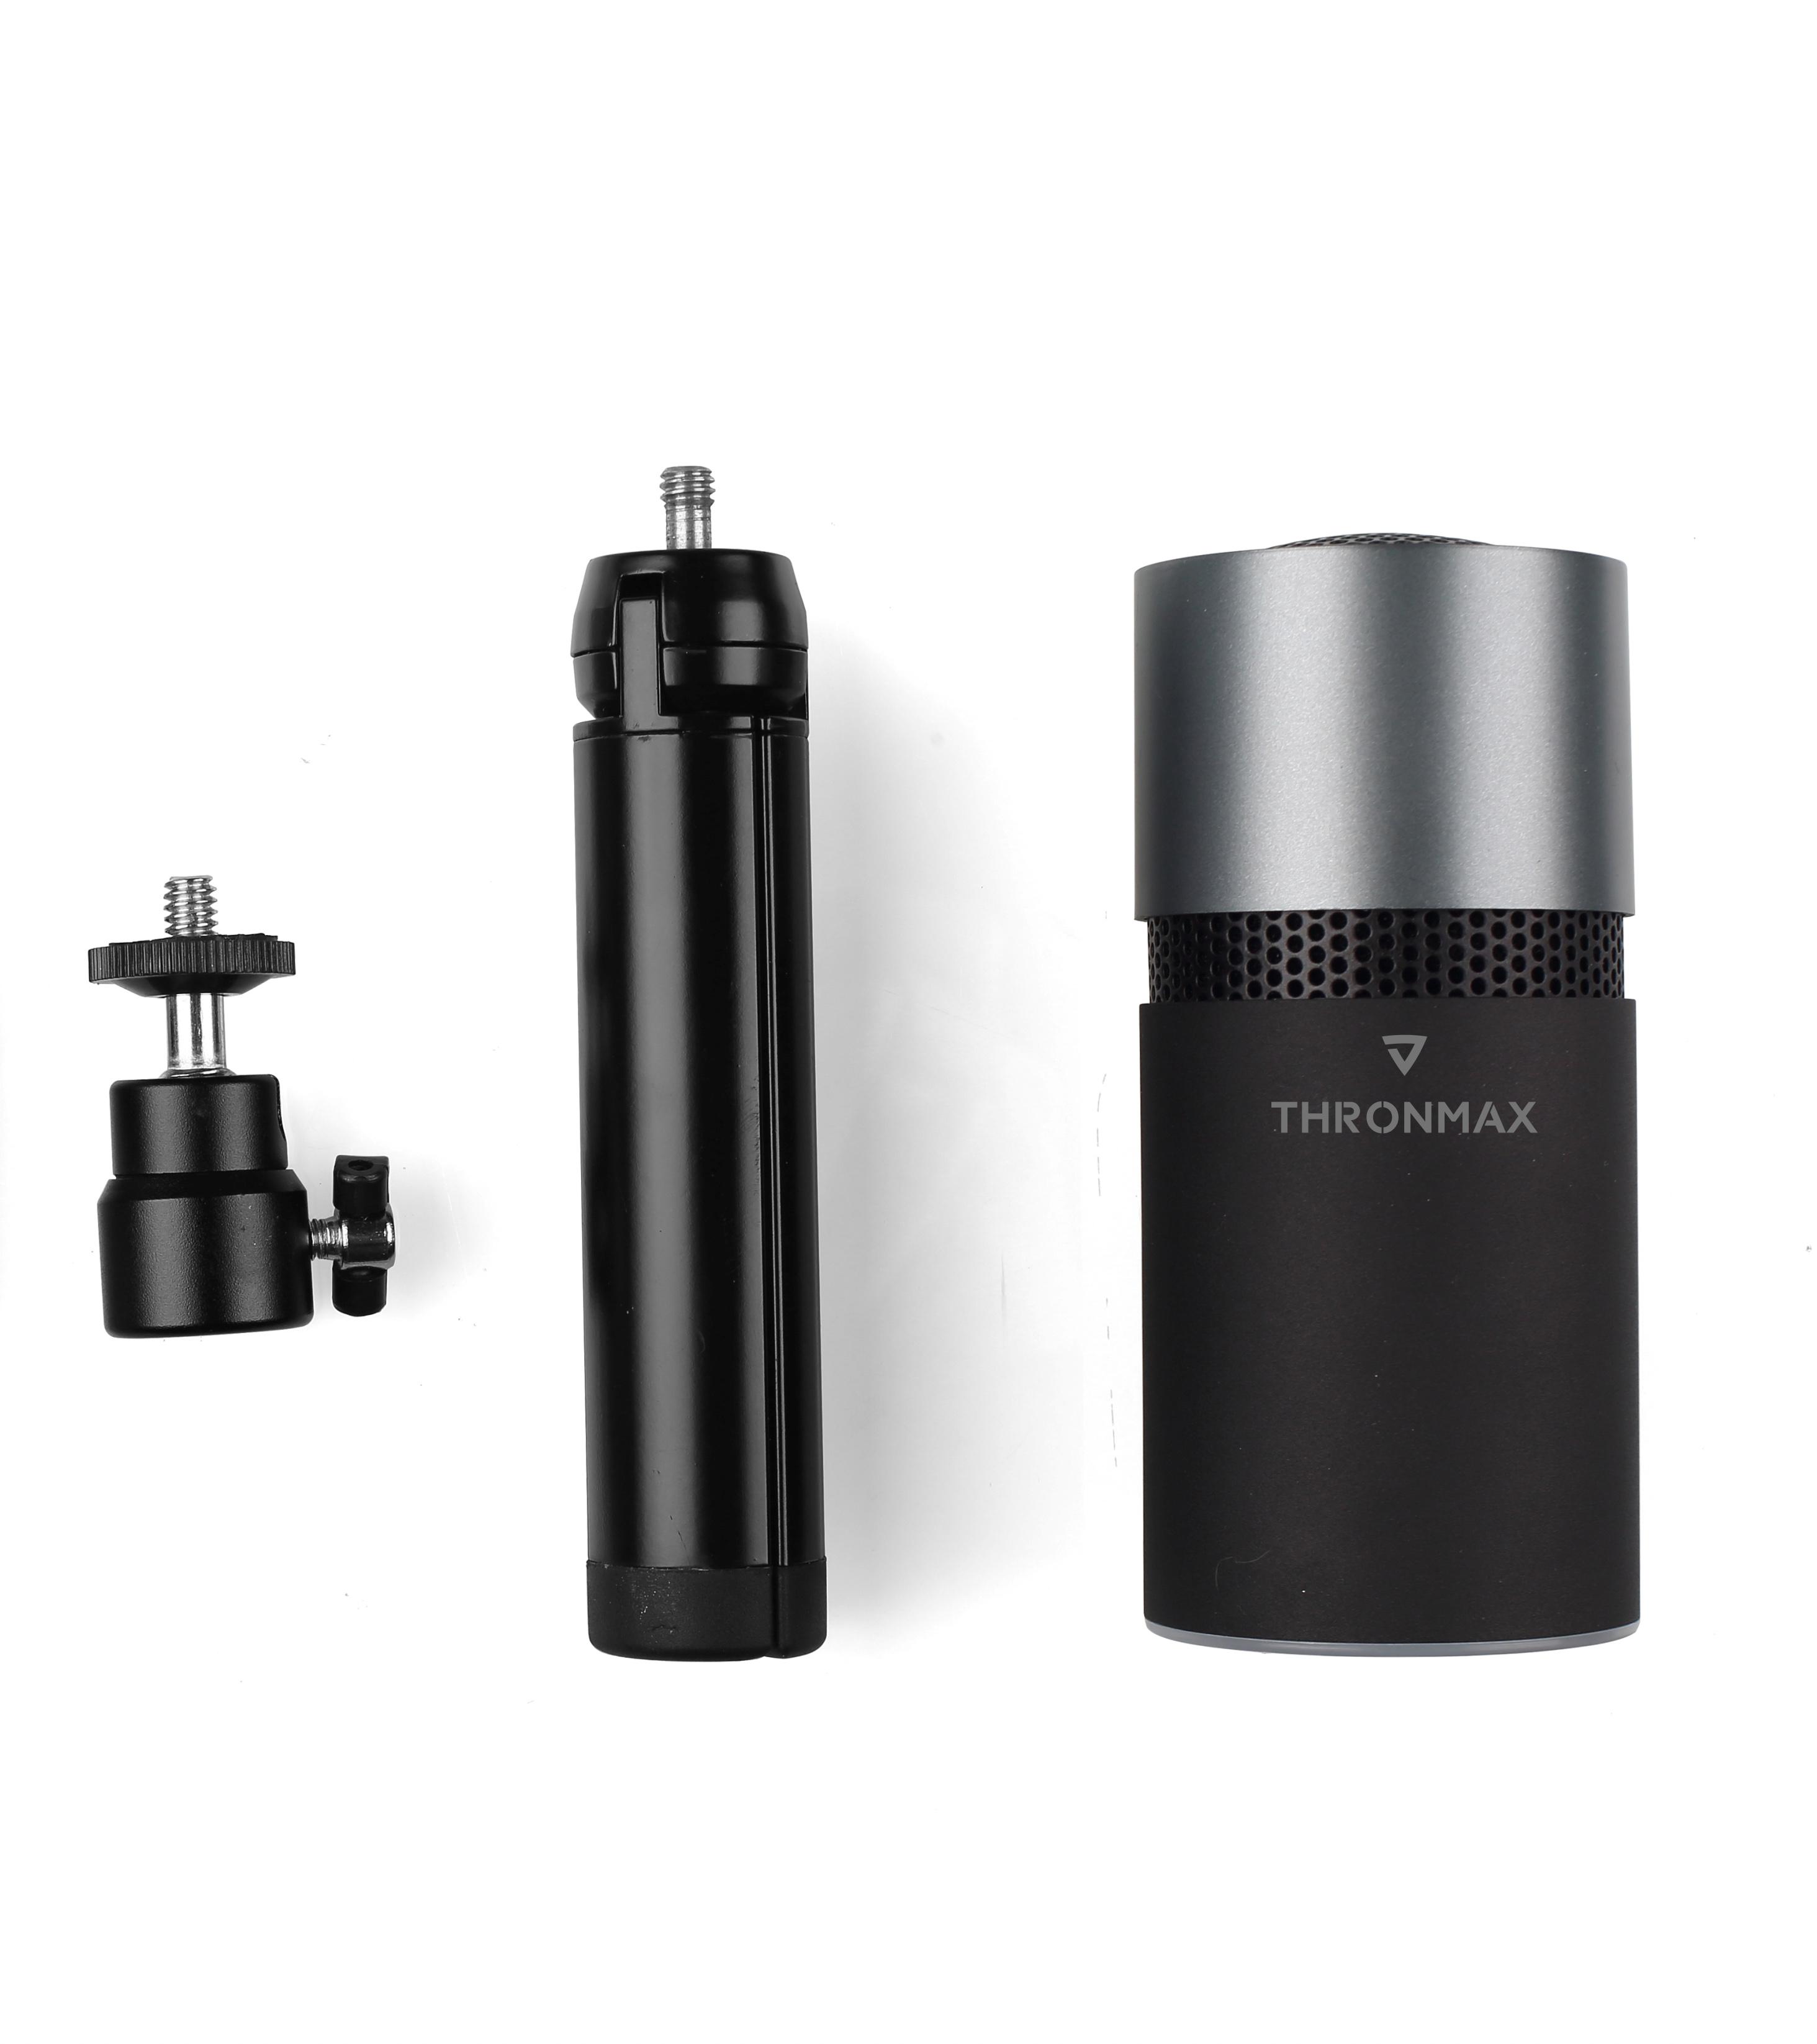 Microphone Thronmax Mdrill Pulse M8 96Khz - Hàng Chính Hãng